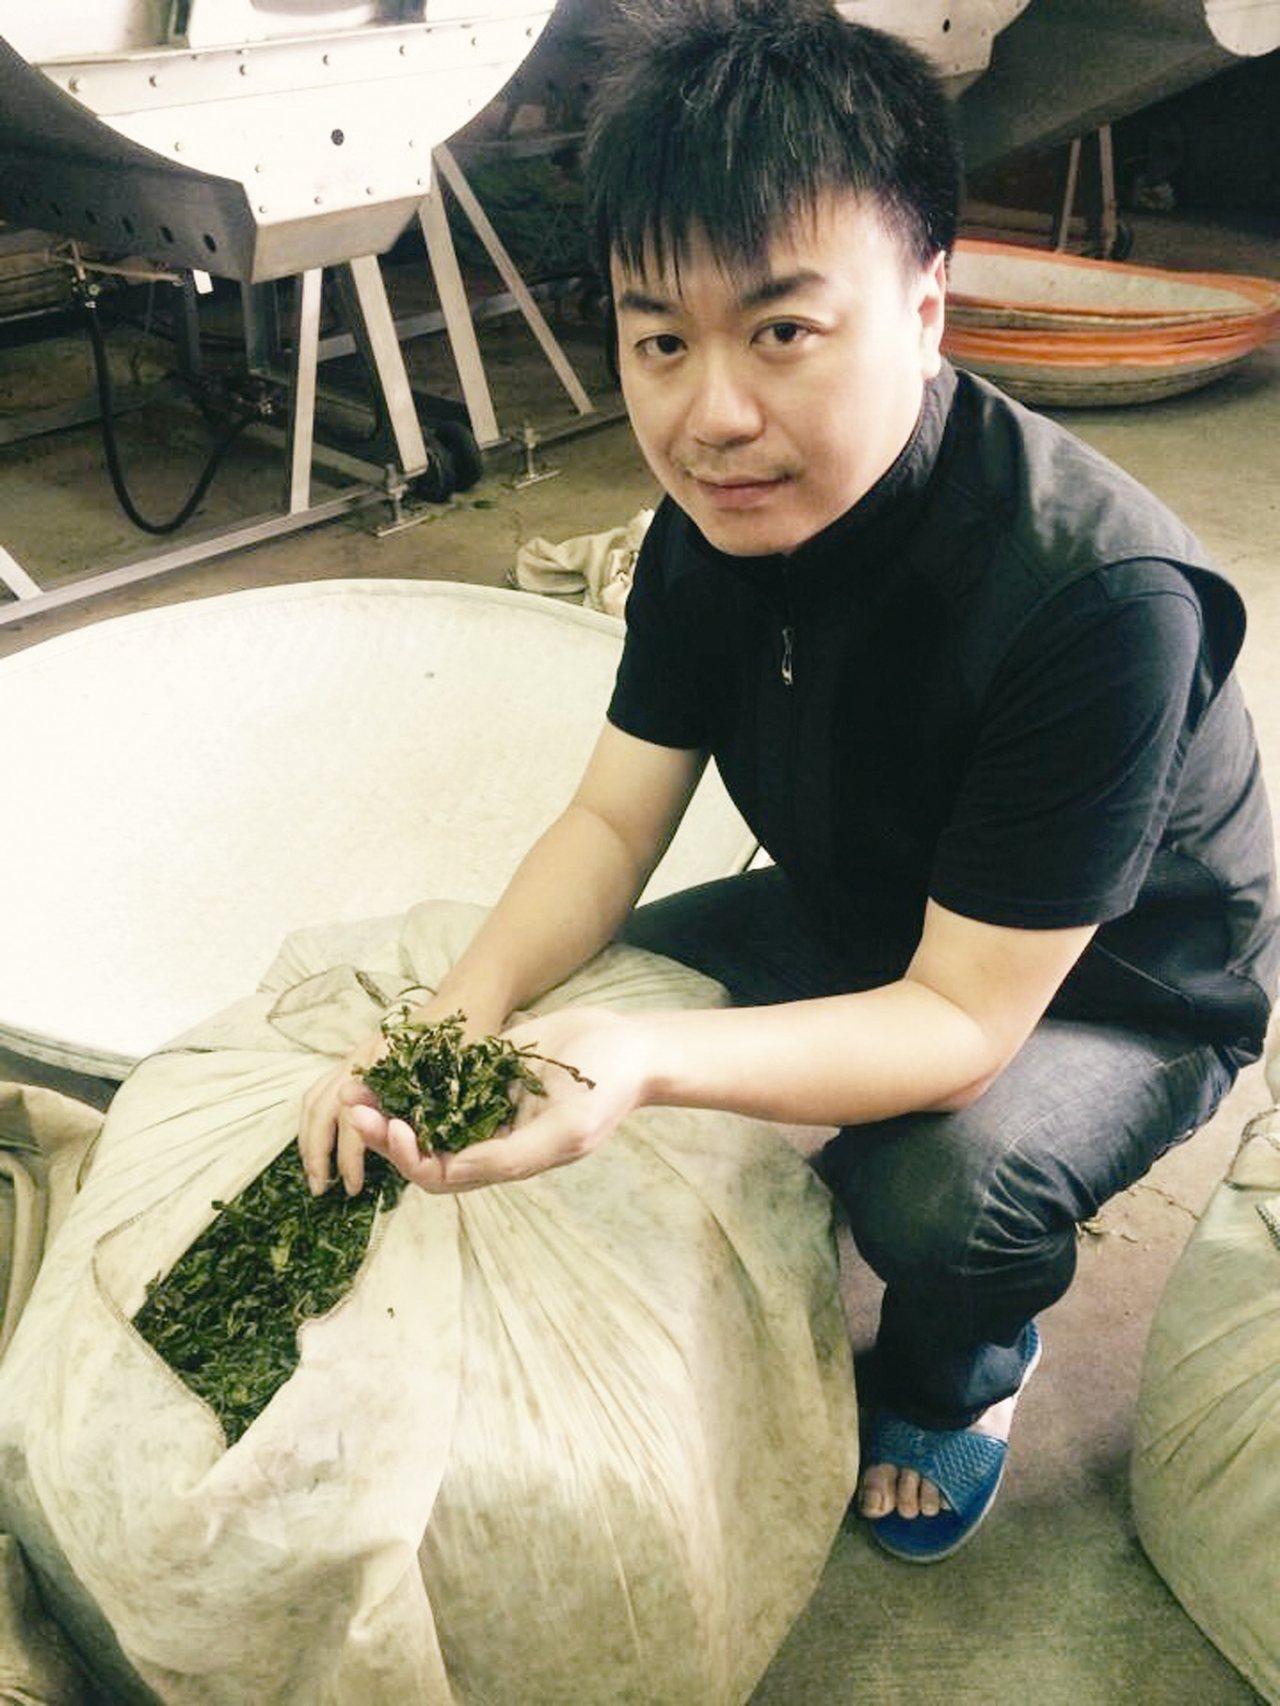 鍾秊翰認為,挑選良好的茶葉,經過充足的發酵及烘焙,才能泡出擁有花果蜜香的好茶。 ...